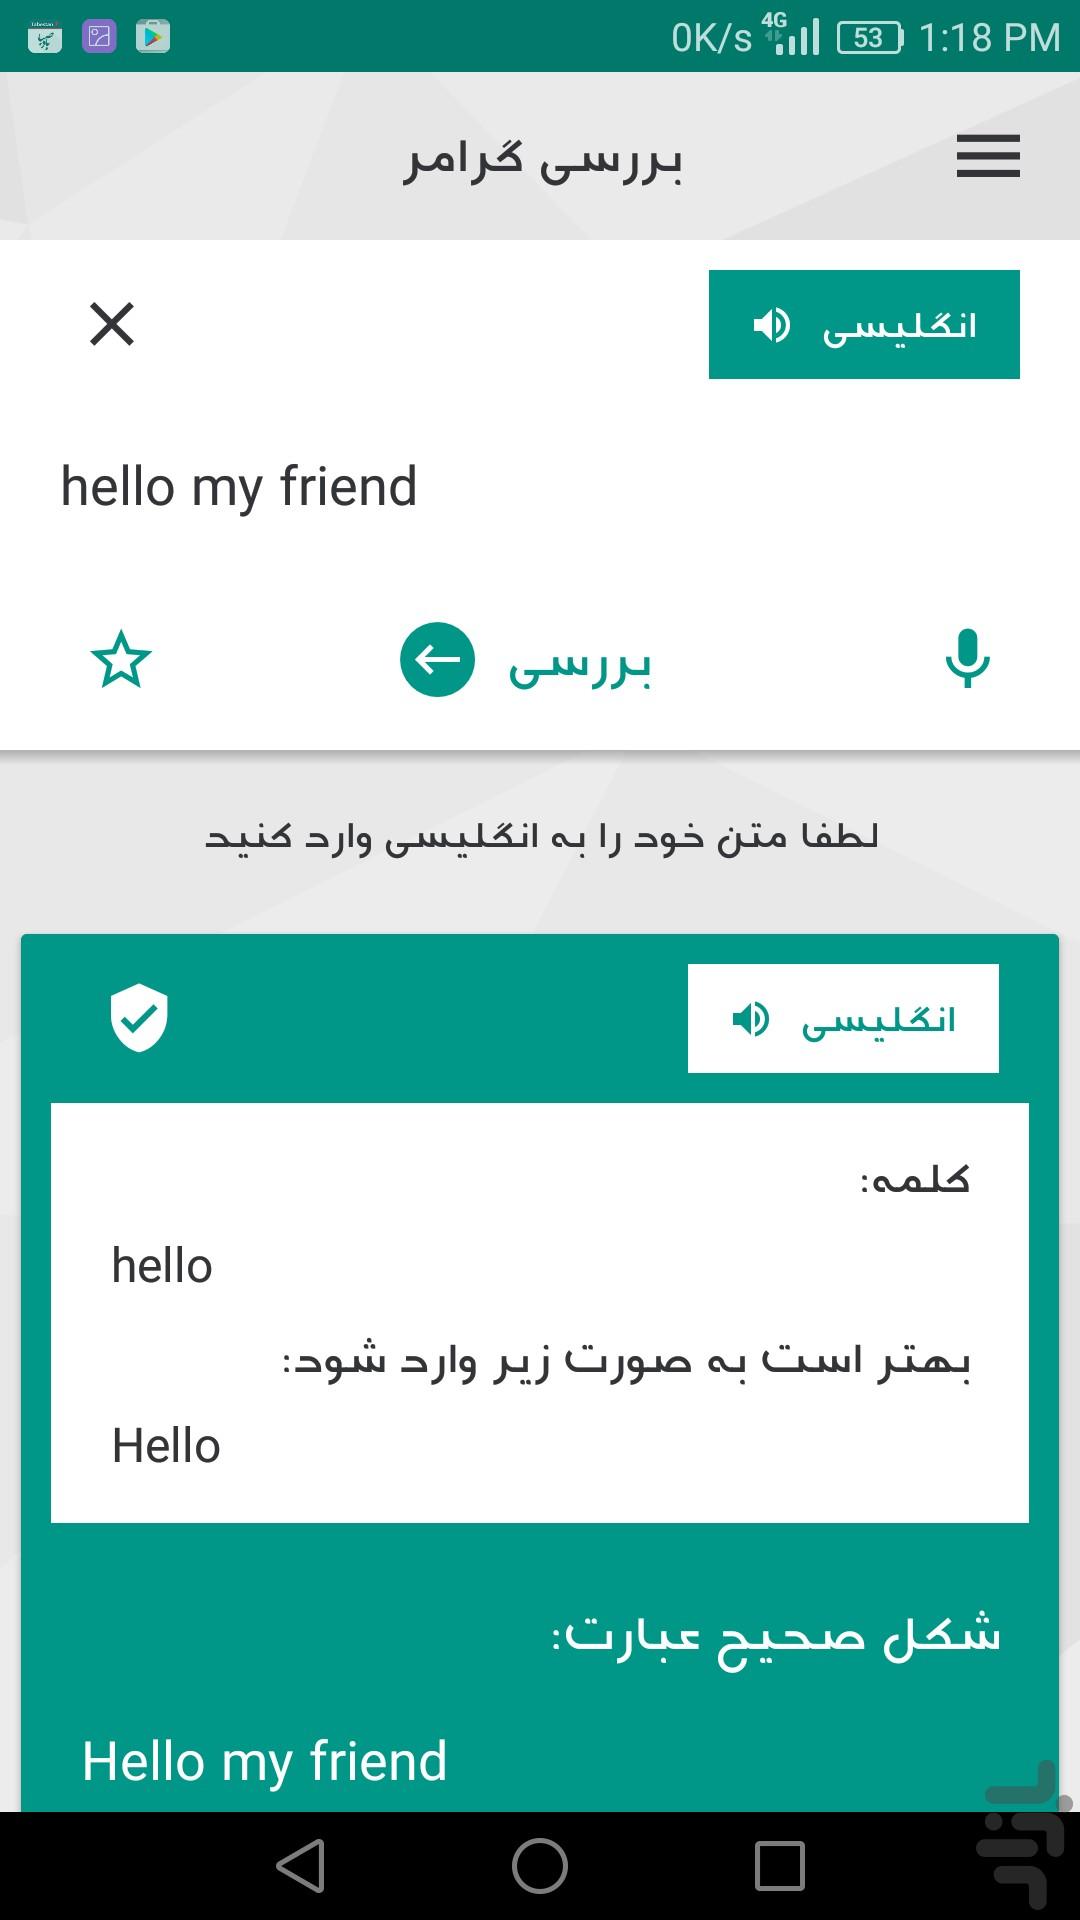 اپلیکش اندرویید ترجمه